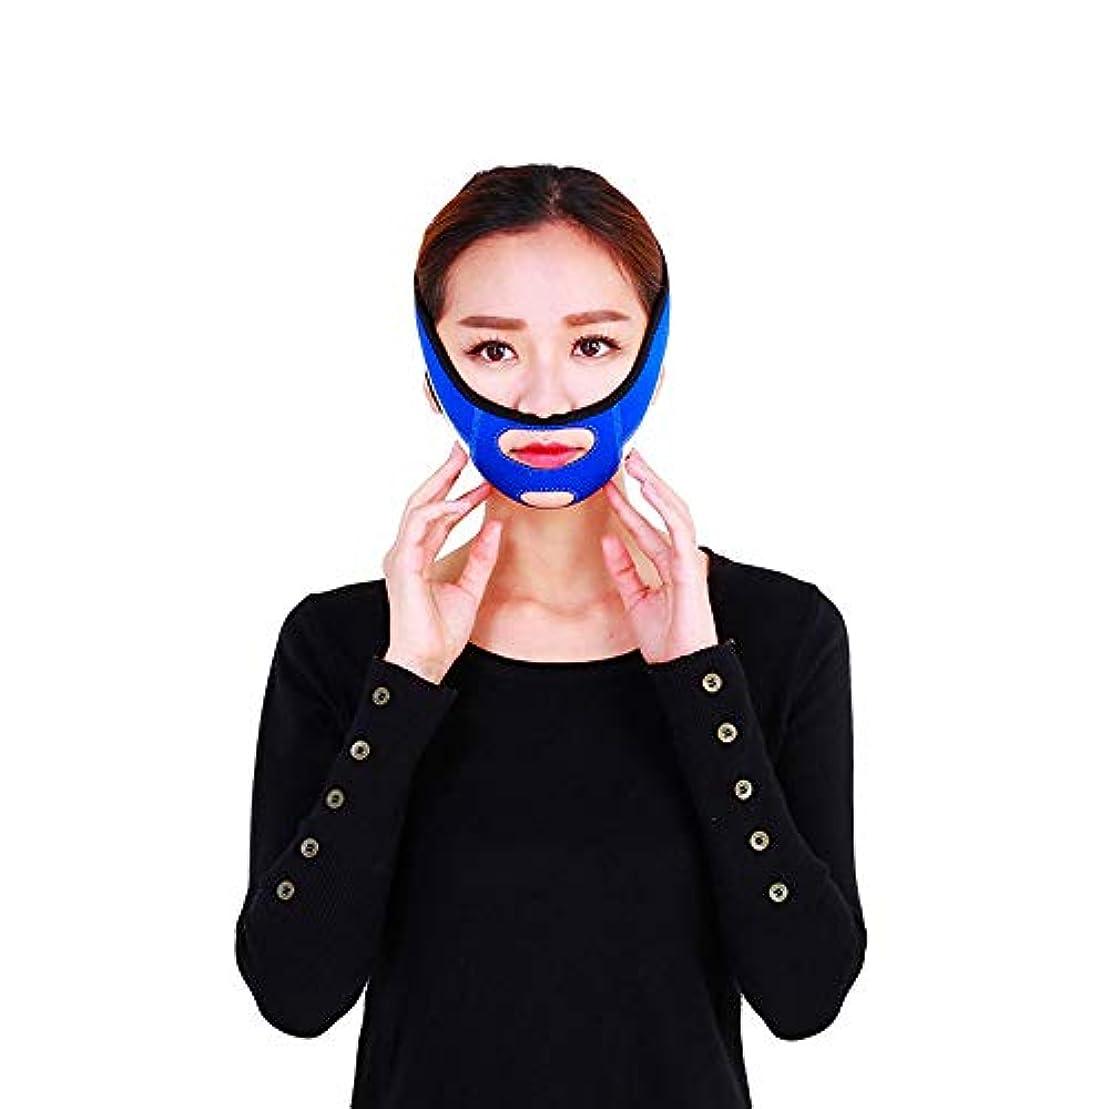 老朽化した知覚する恨みGYZ フェイシャルリフティング痩身ベルトフェーススリム二重あごを取り除くアンチエイジングリンクルフェイス包帯マスク整形マスクが顔を引き締める Thin Face Belt